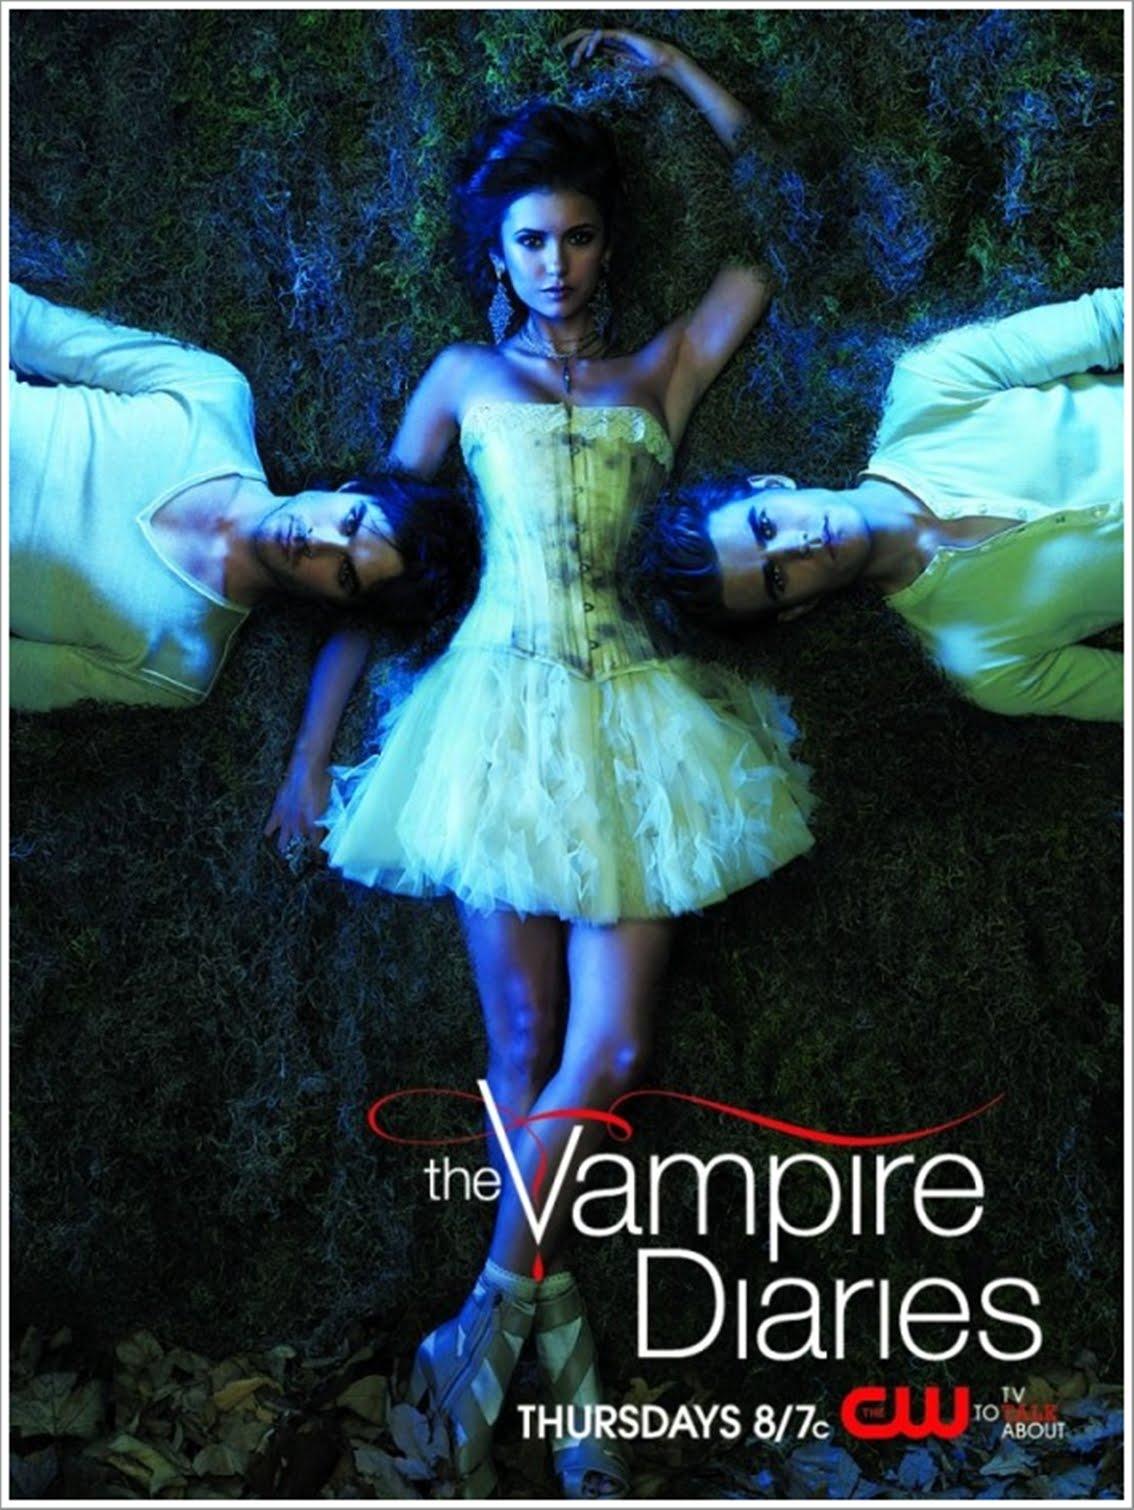 http://4.bp.blogspot.com/_dAGq_7k2IB8/TJP-xD_CO6I/AAAAAAAACVg/wWiBNP-KHt0/s1600/the-vampire-diaries-poster-585x780.jpg